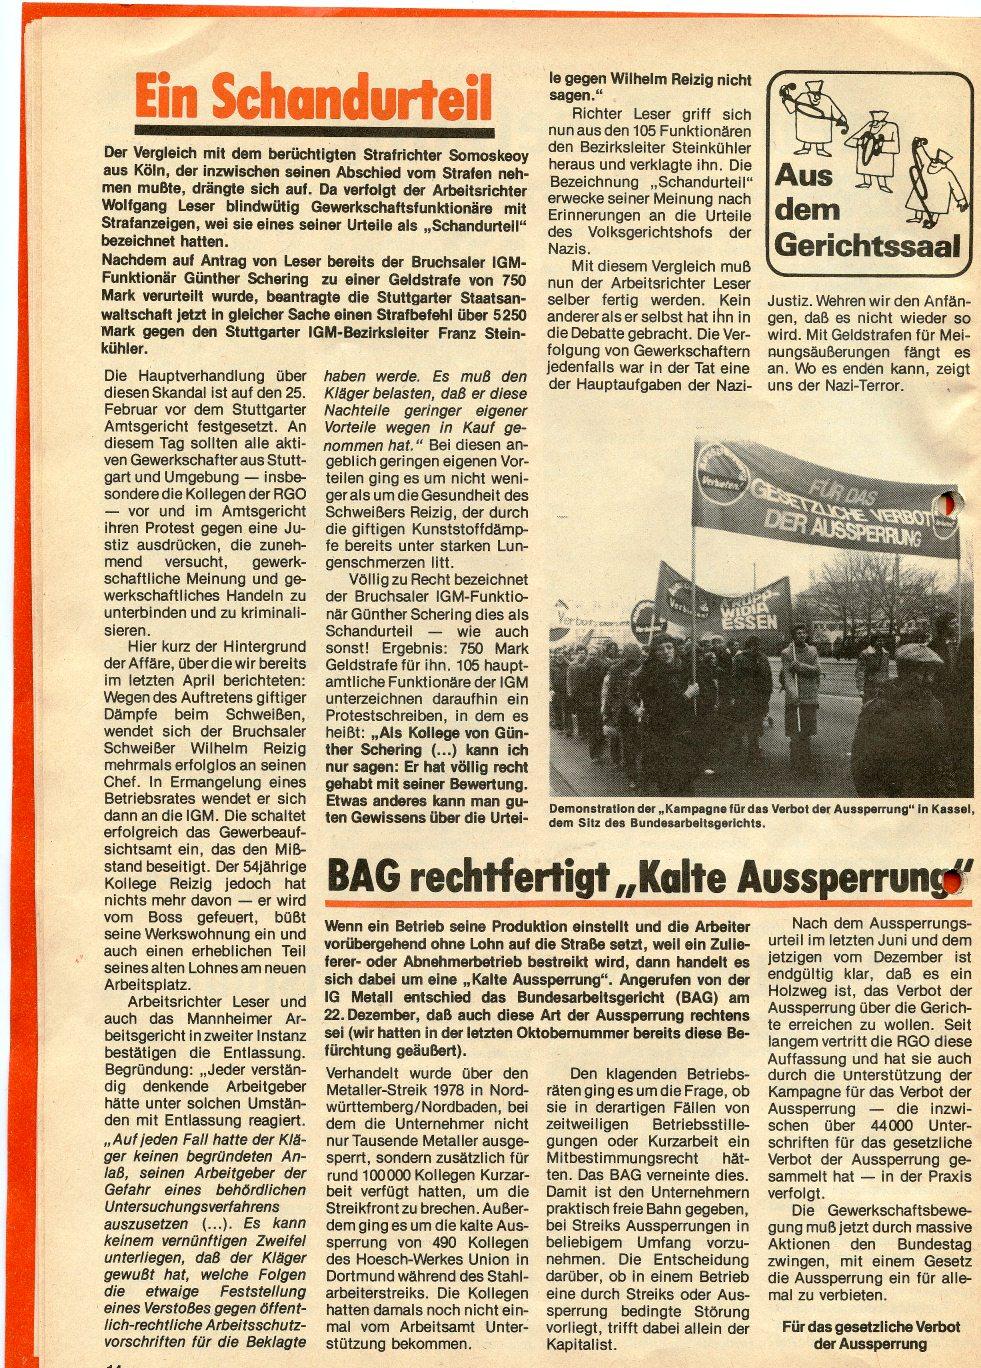 RGO_RGO_Nachrichten_1981_02_14